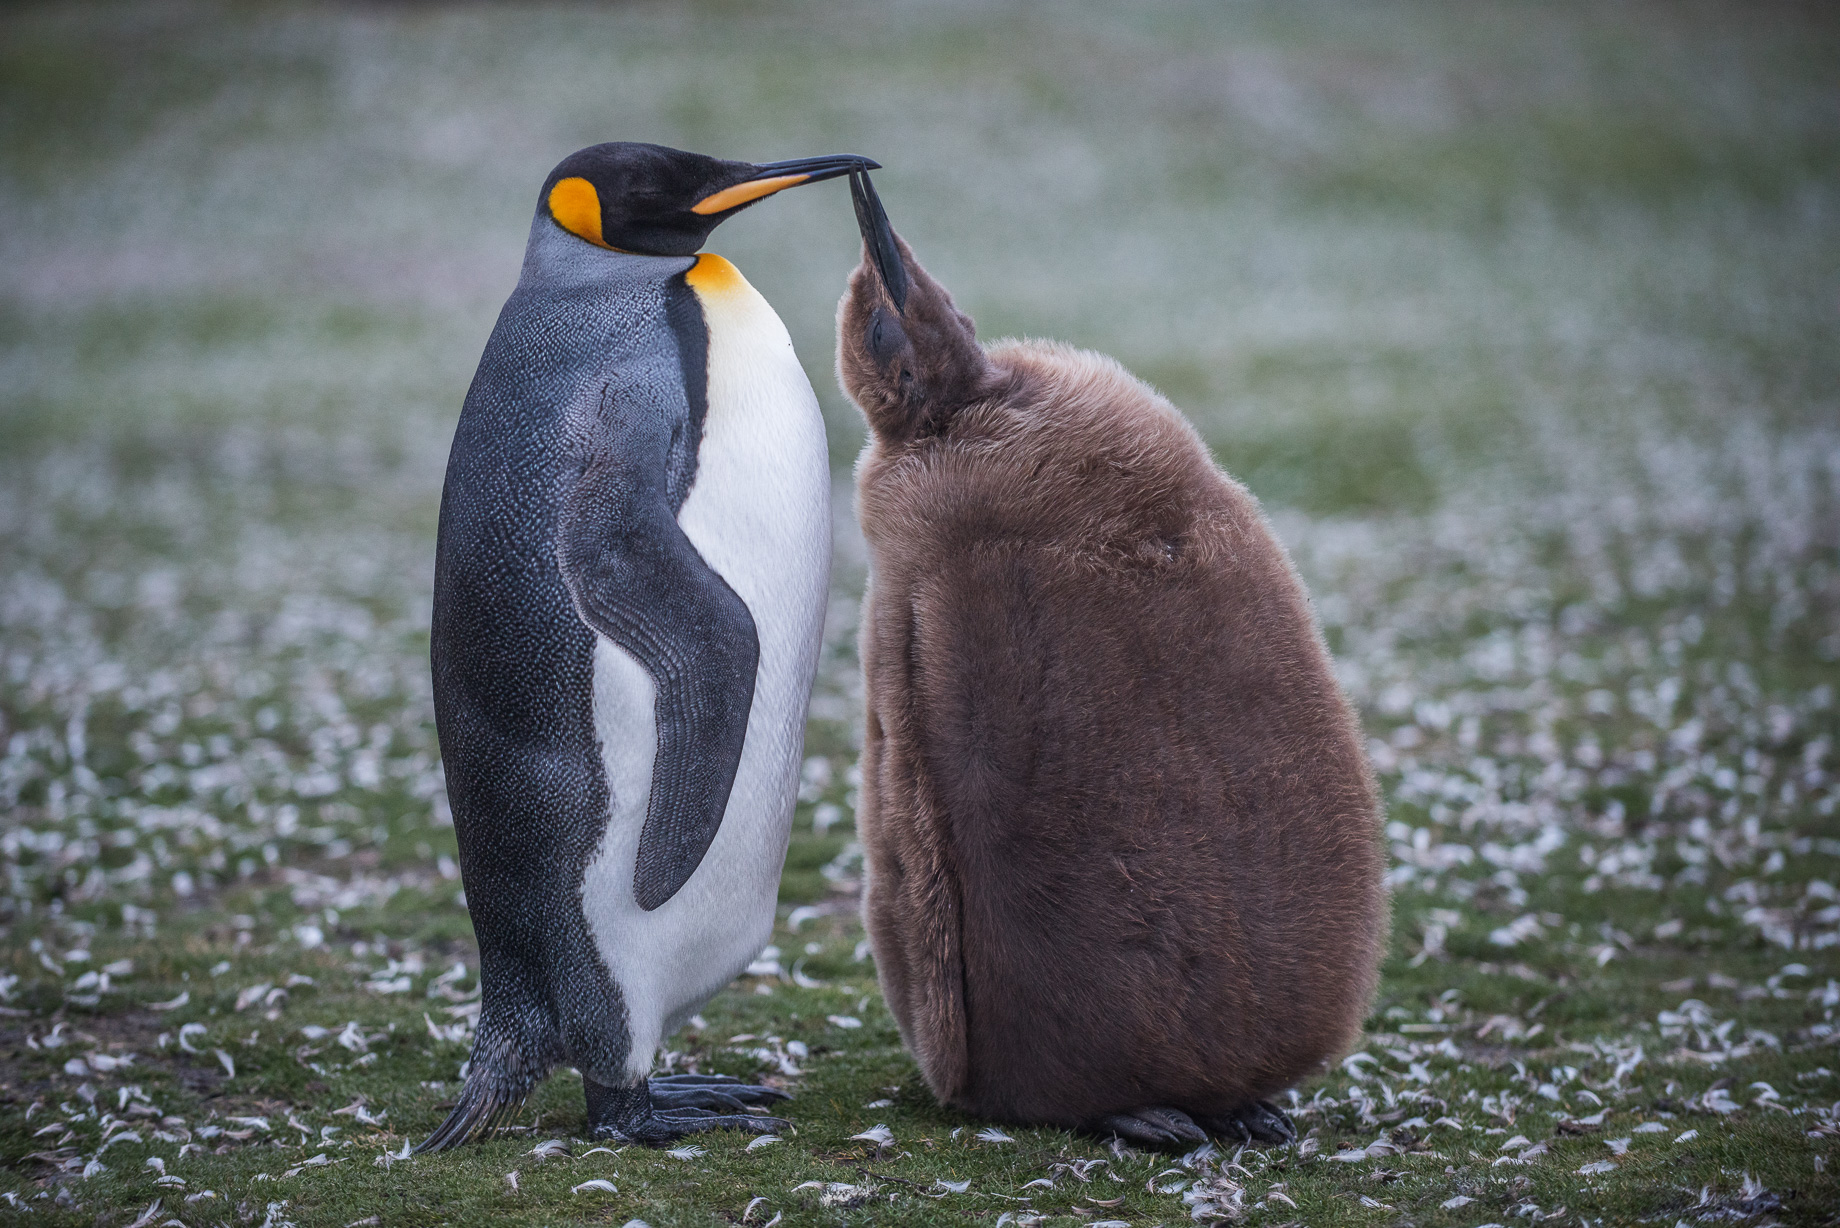 невзгоды фото пингвинов с цветочками опыт приходит